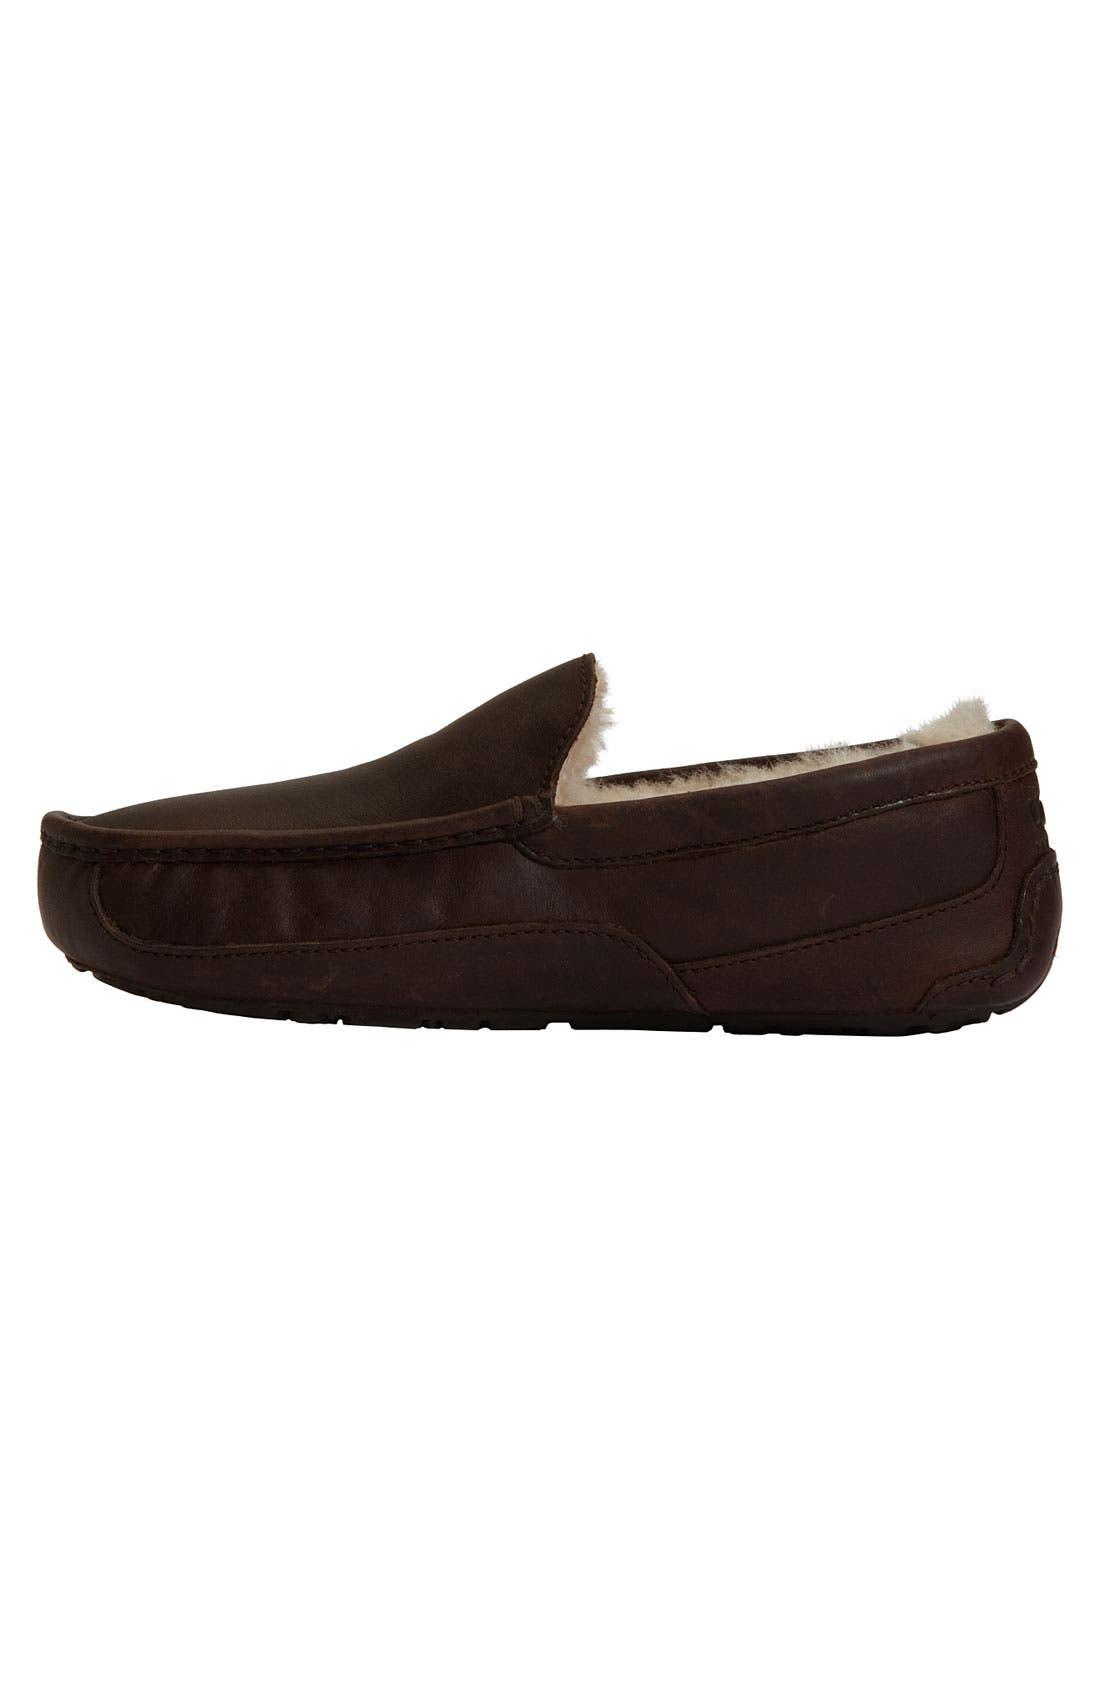 Alternate Image 2  - UGG® Ascot Leather Slipper (Men)